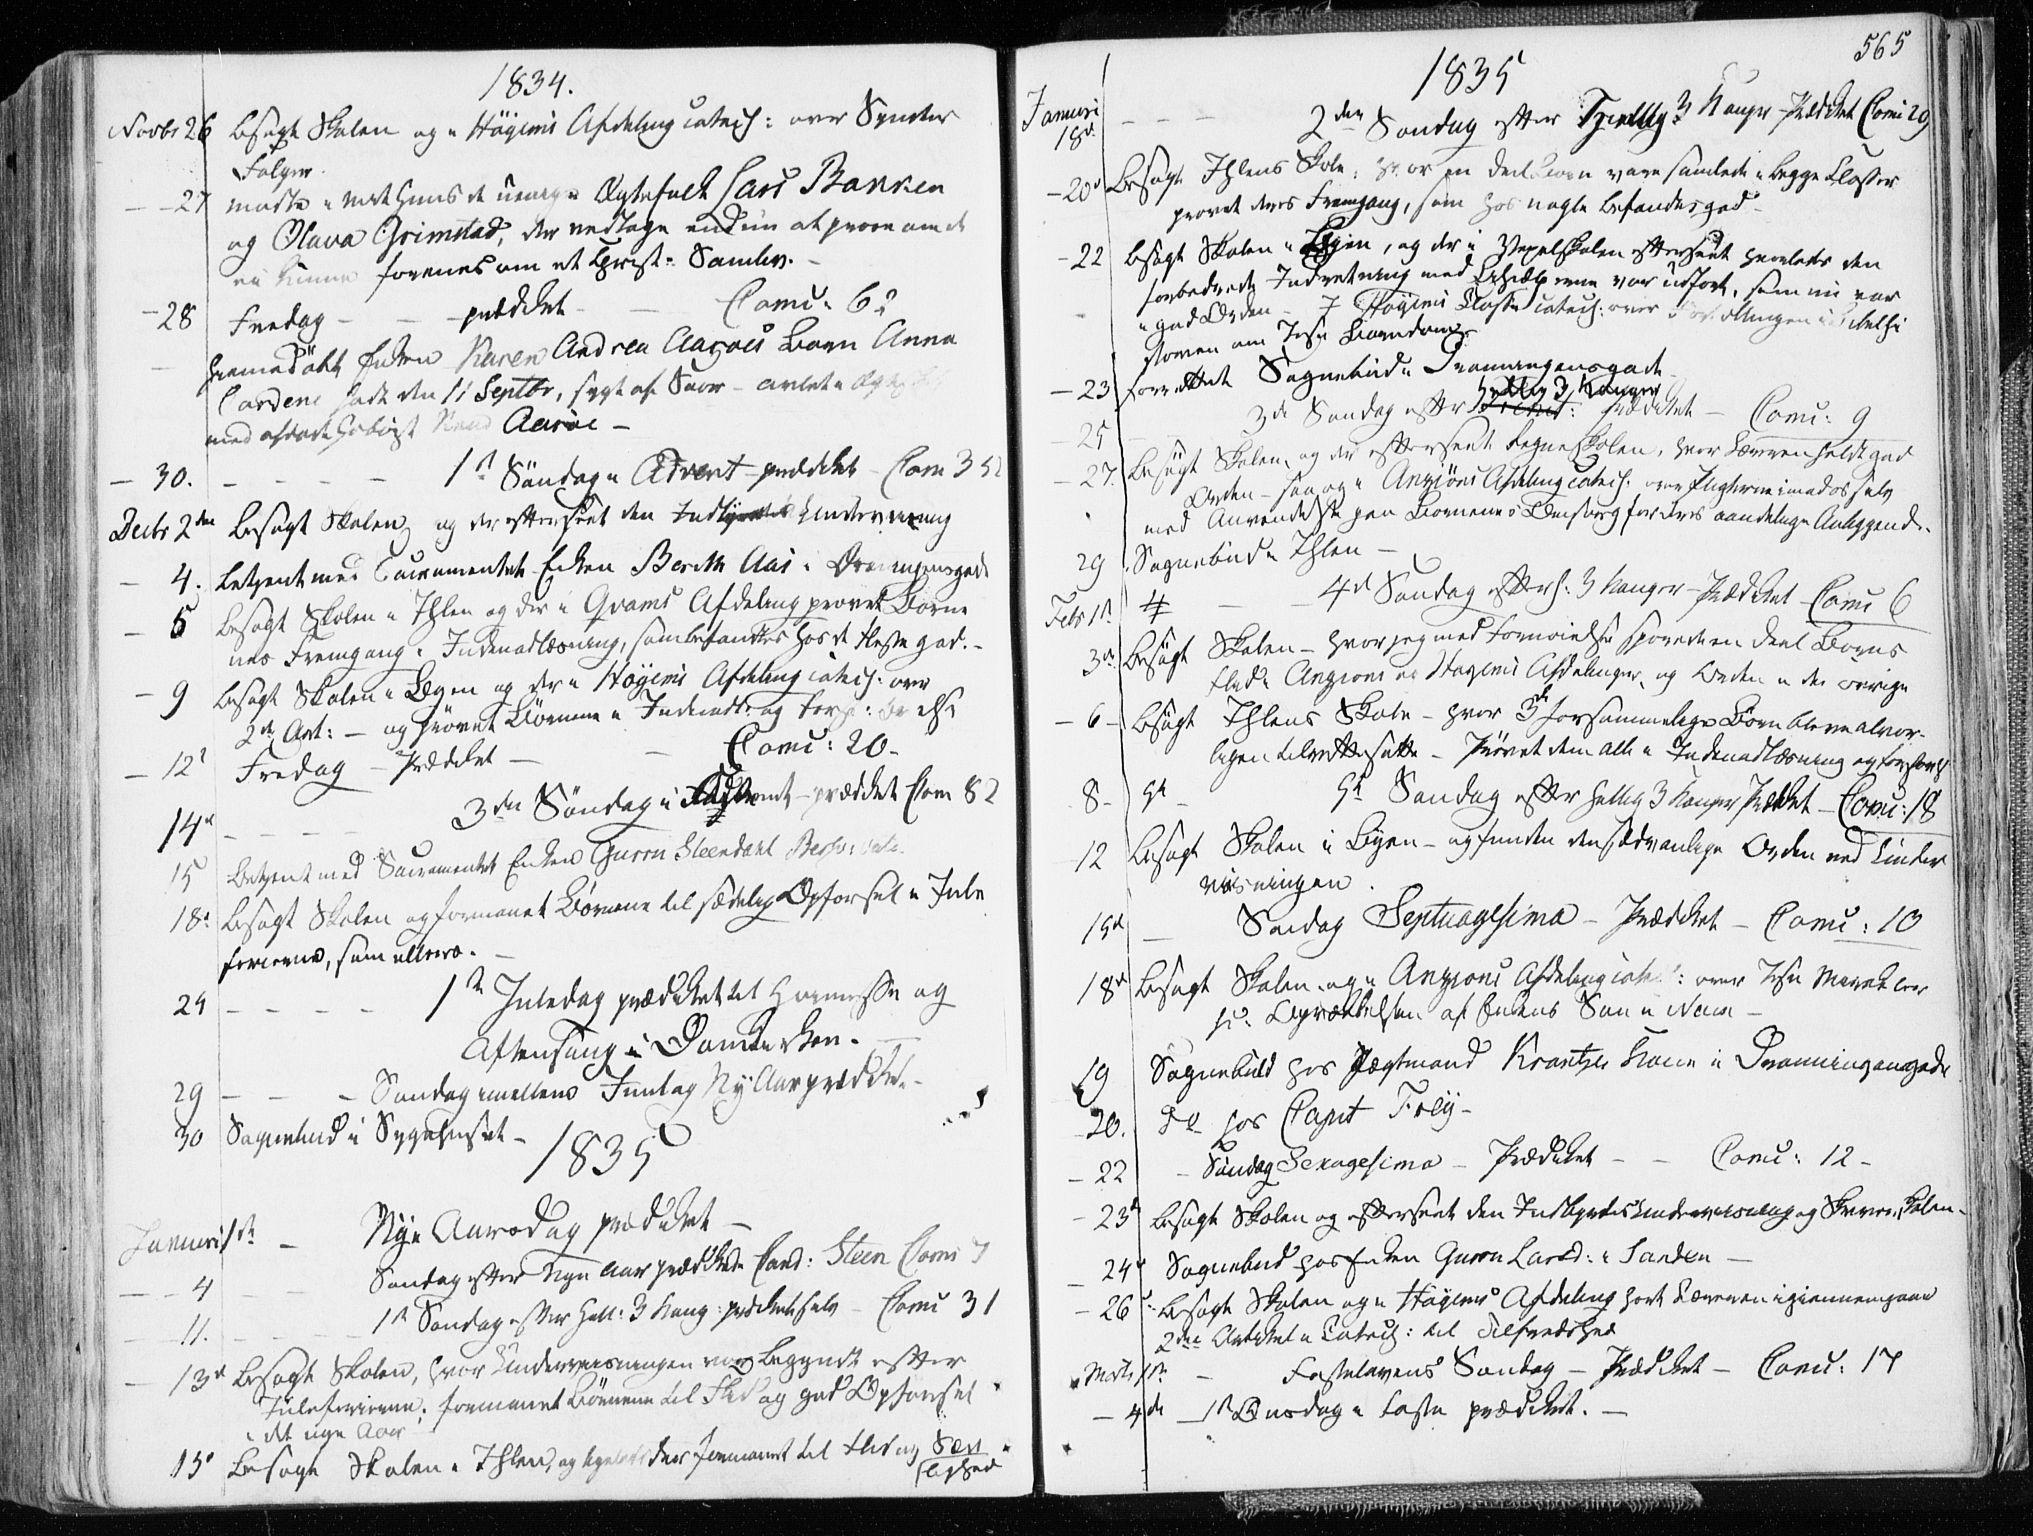 SAT, Ministerialprotokoller, klokkerbøker og fødselsregistre - Sør-Trøndelag, 601/L0047: Ministerialbok nr. 601A15, 1831-1839, s. 565